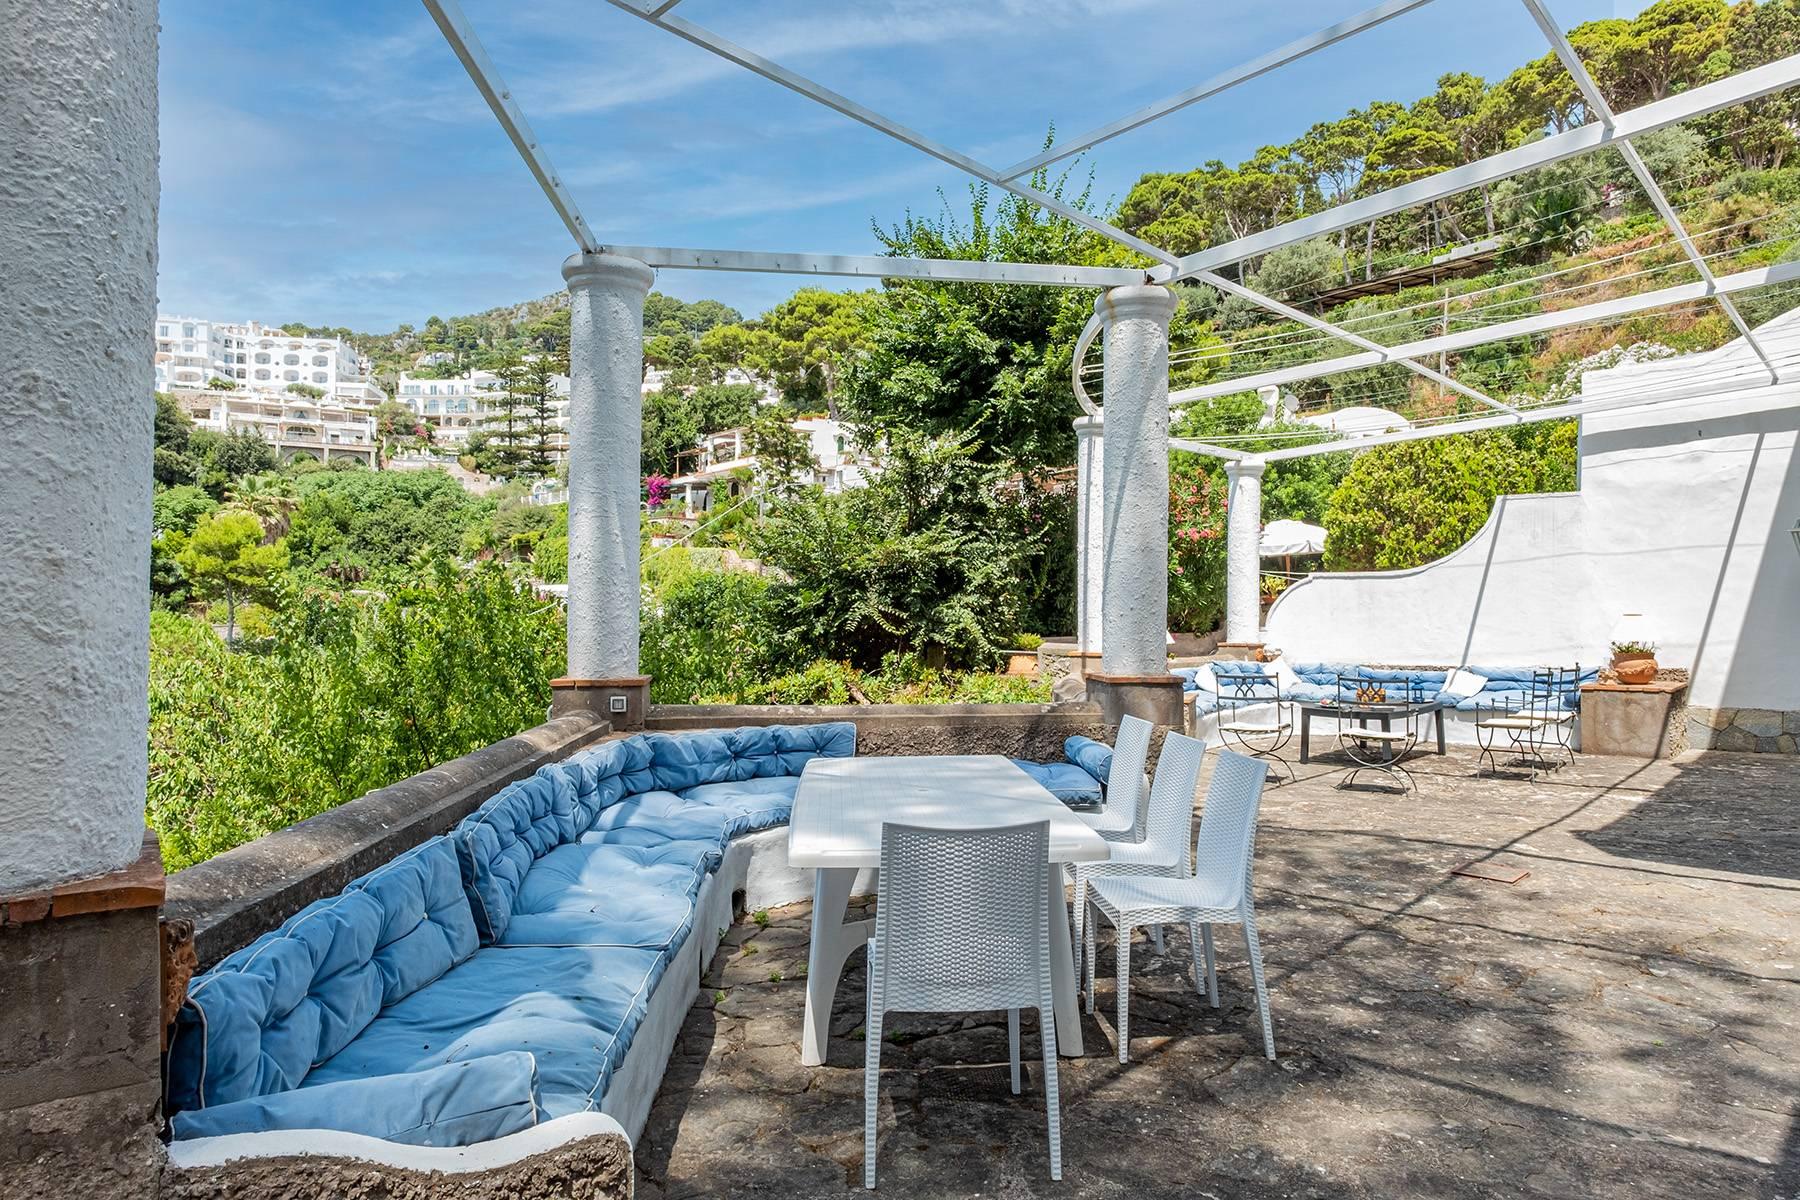 Villa in Vendita a Capri: 5 locali, 230 mq - Foto 4